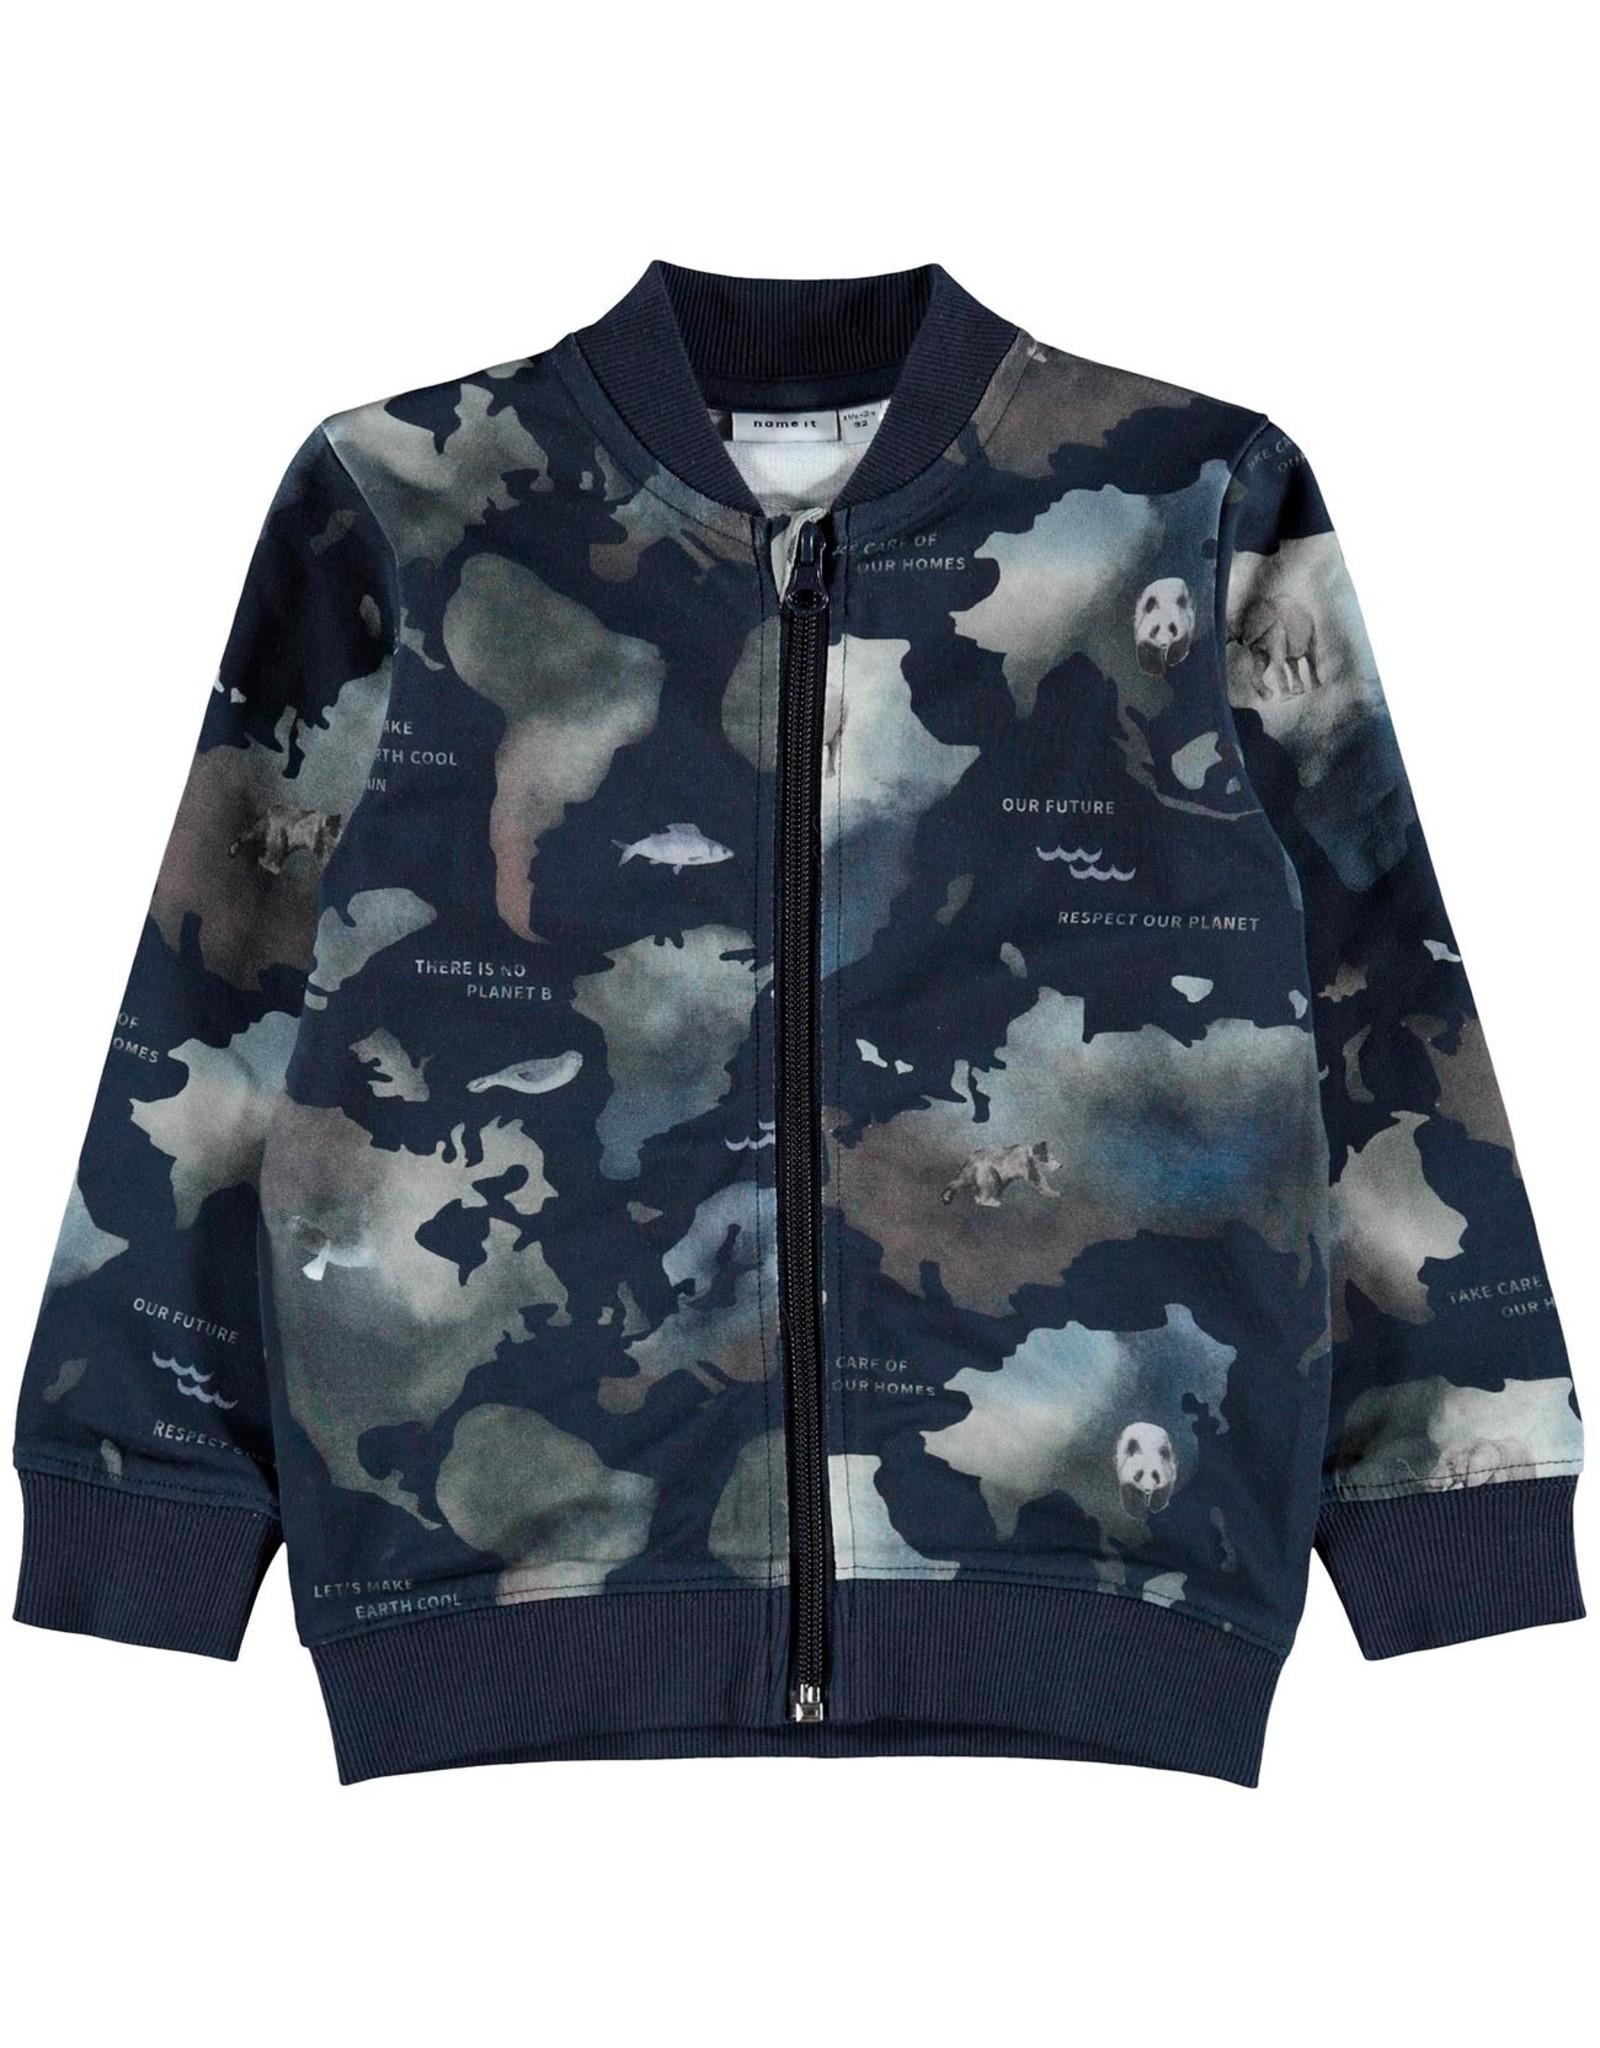 Name It Blauwe vest met rits met all over dieren en continenten print